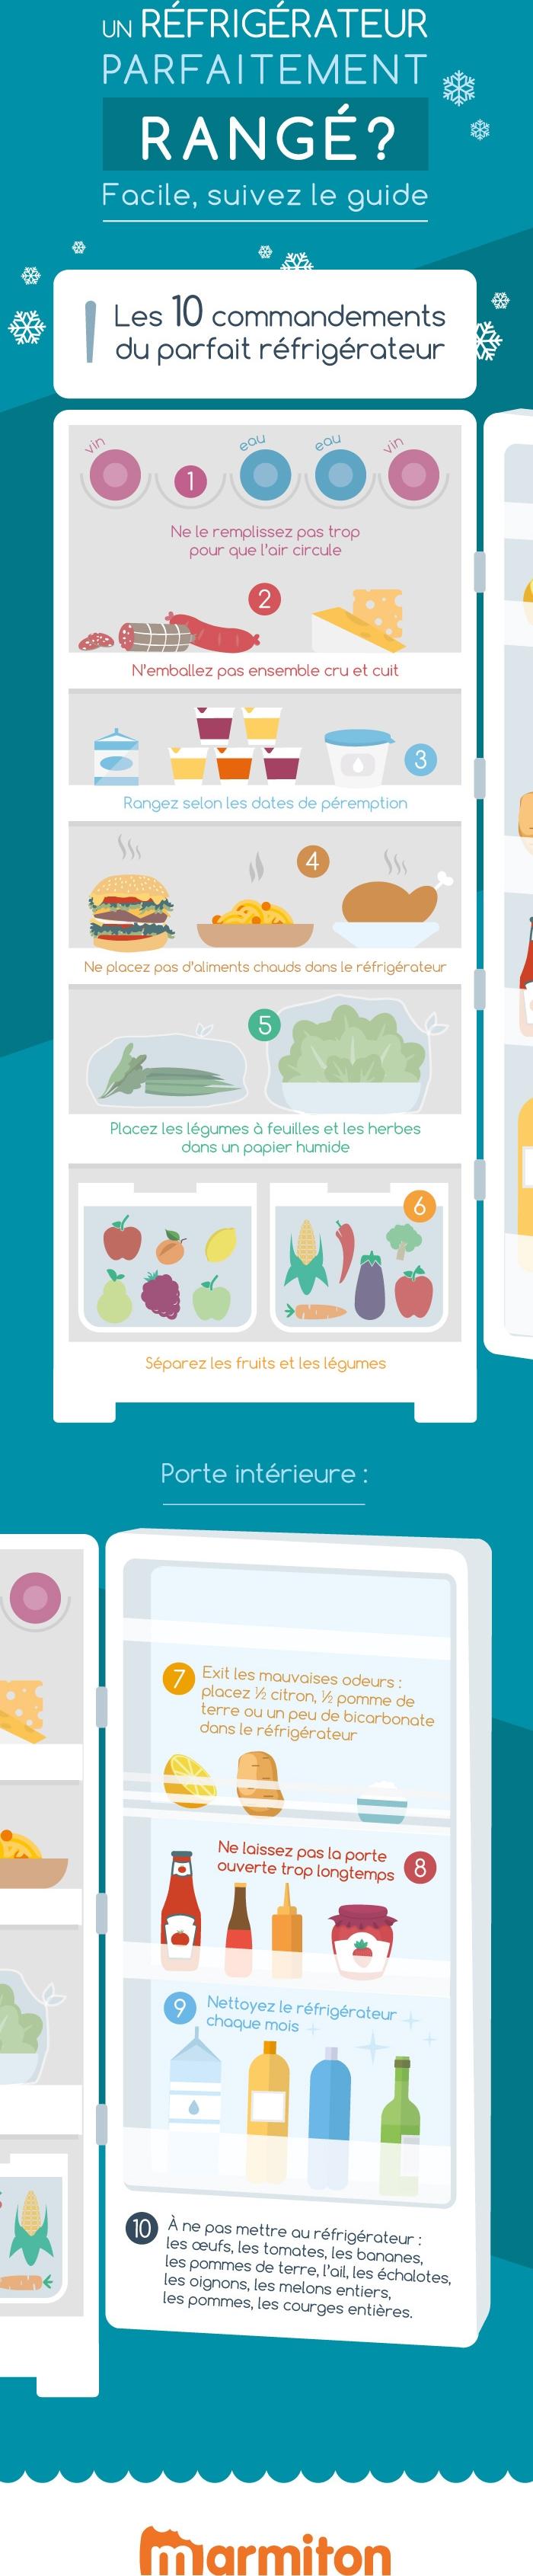 Ranger Le Frigo Et Les Aliments Selon La Zone De Son Refrigerateur